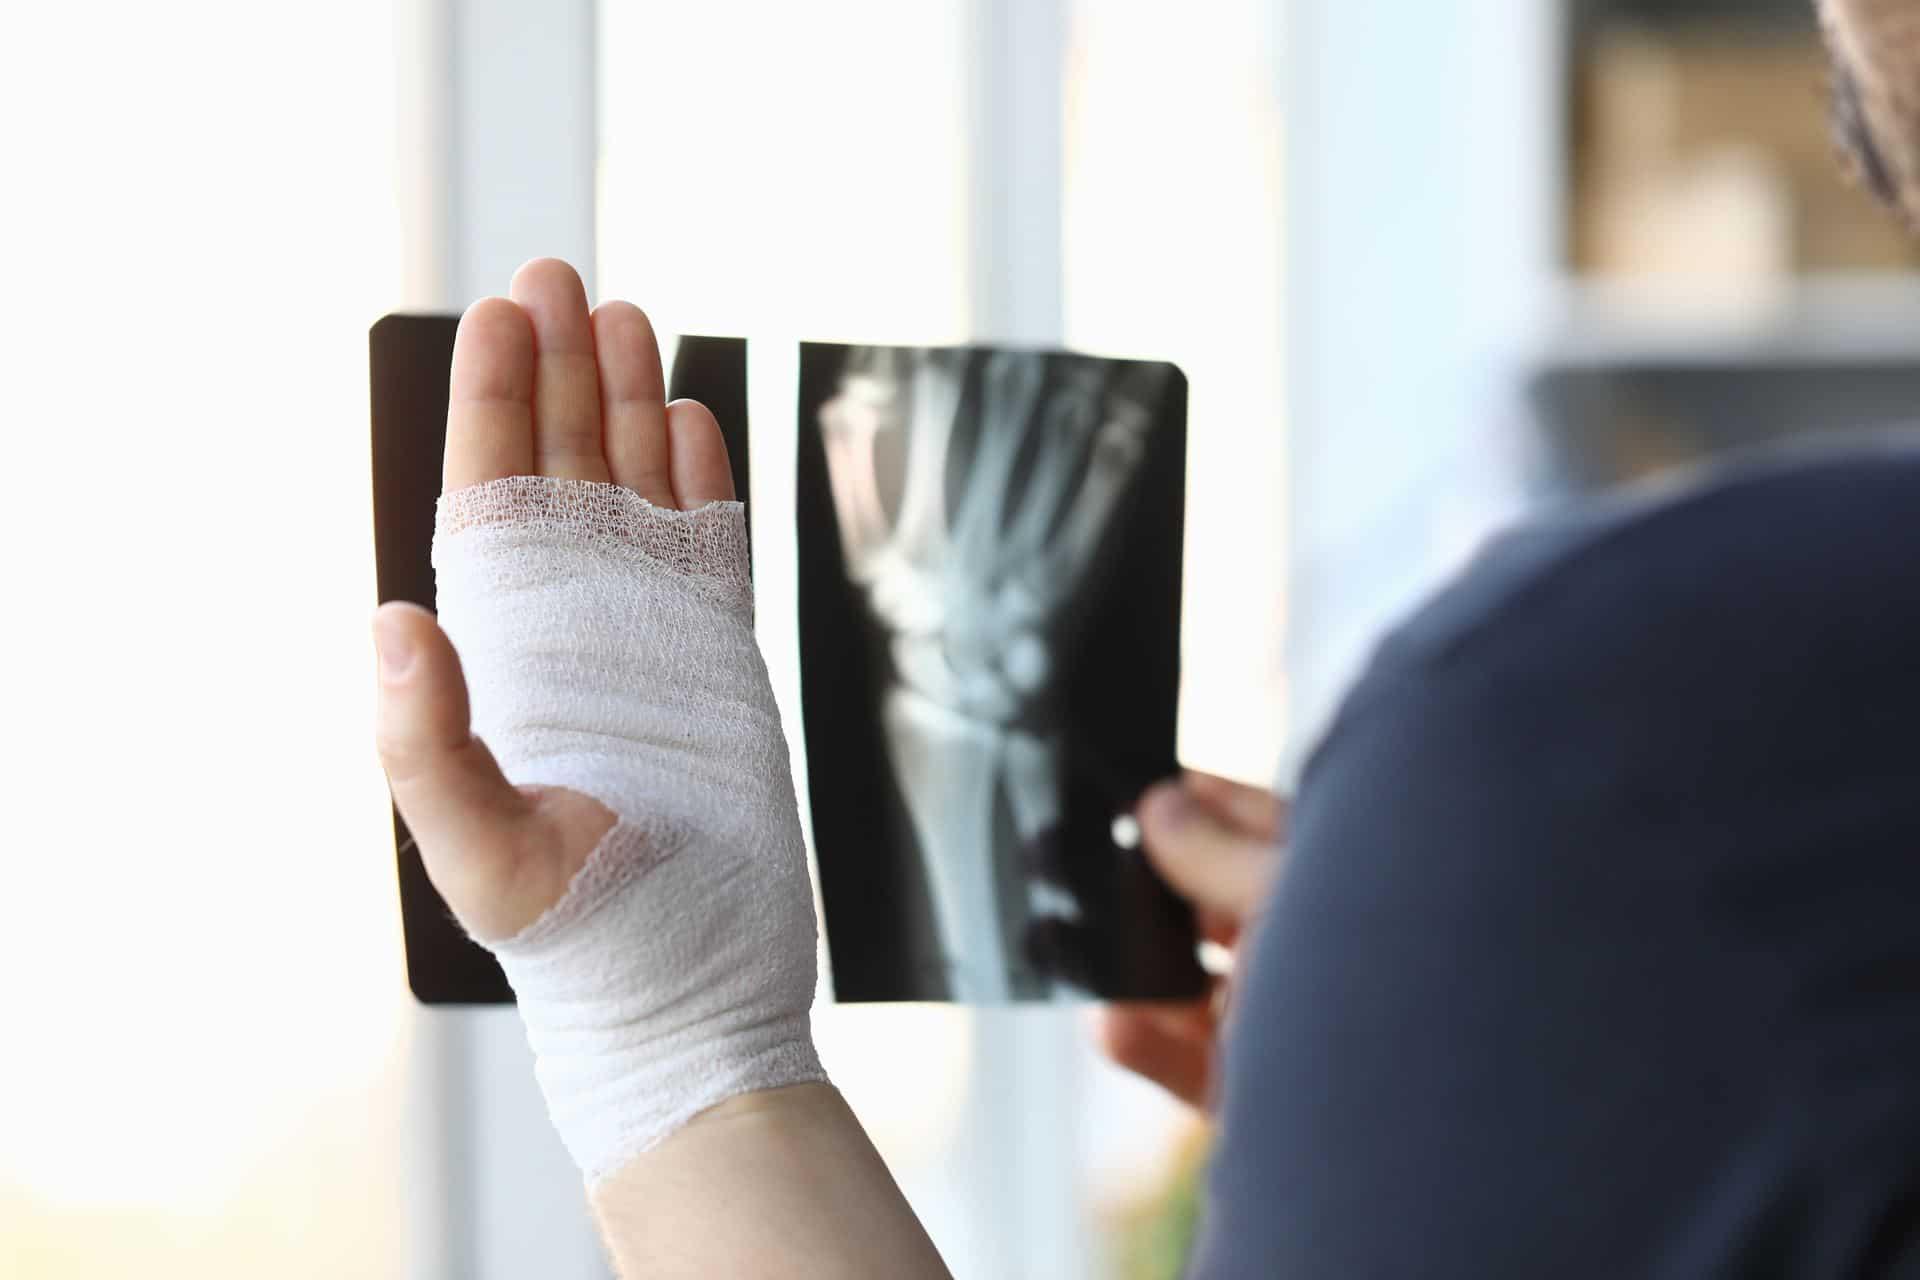 שיקום כף יד - Restart Therapy שיקום למבוגרים באופן פרטי